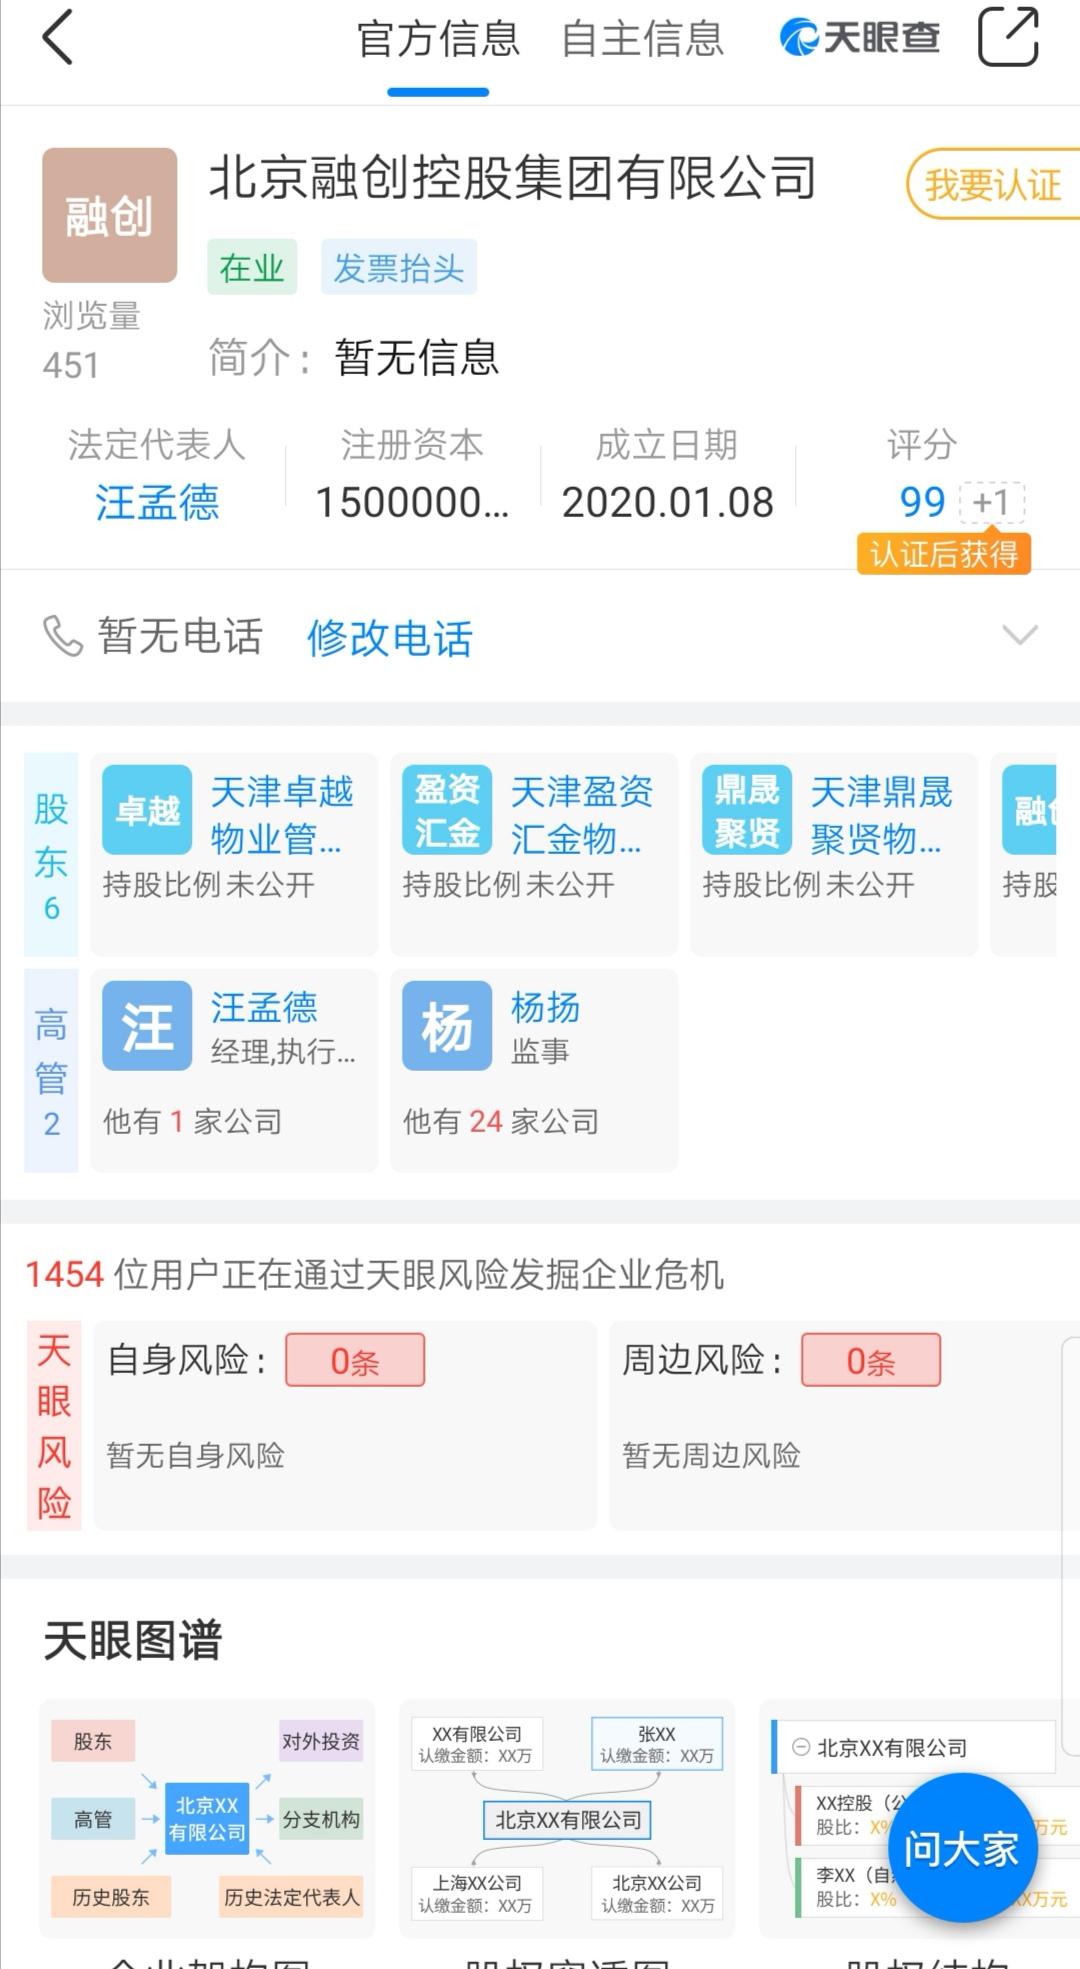 融创150亿注册成立北京融创控股集团有限公司 融创中国:暂无回应